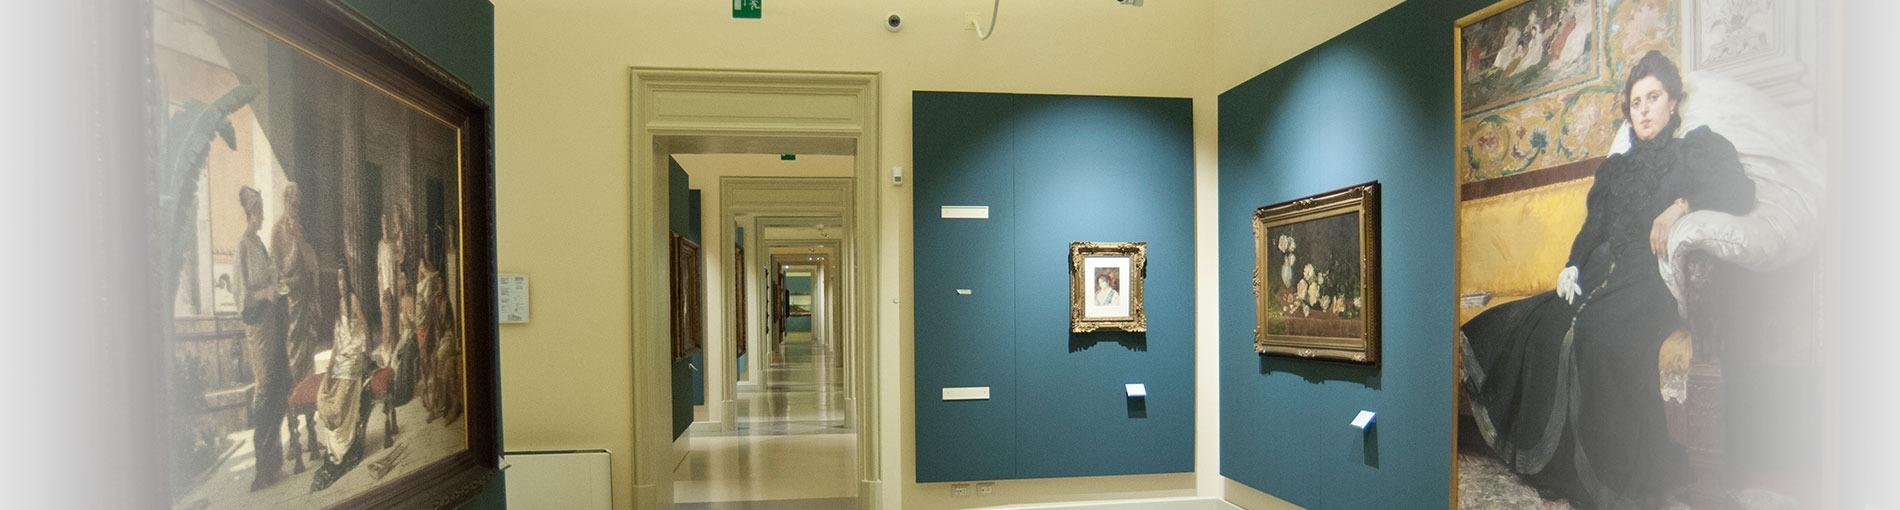 Fondazione Sicilia - Photo 8275